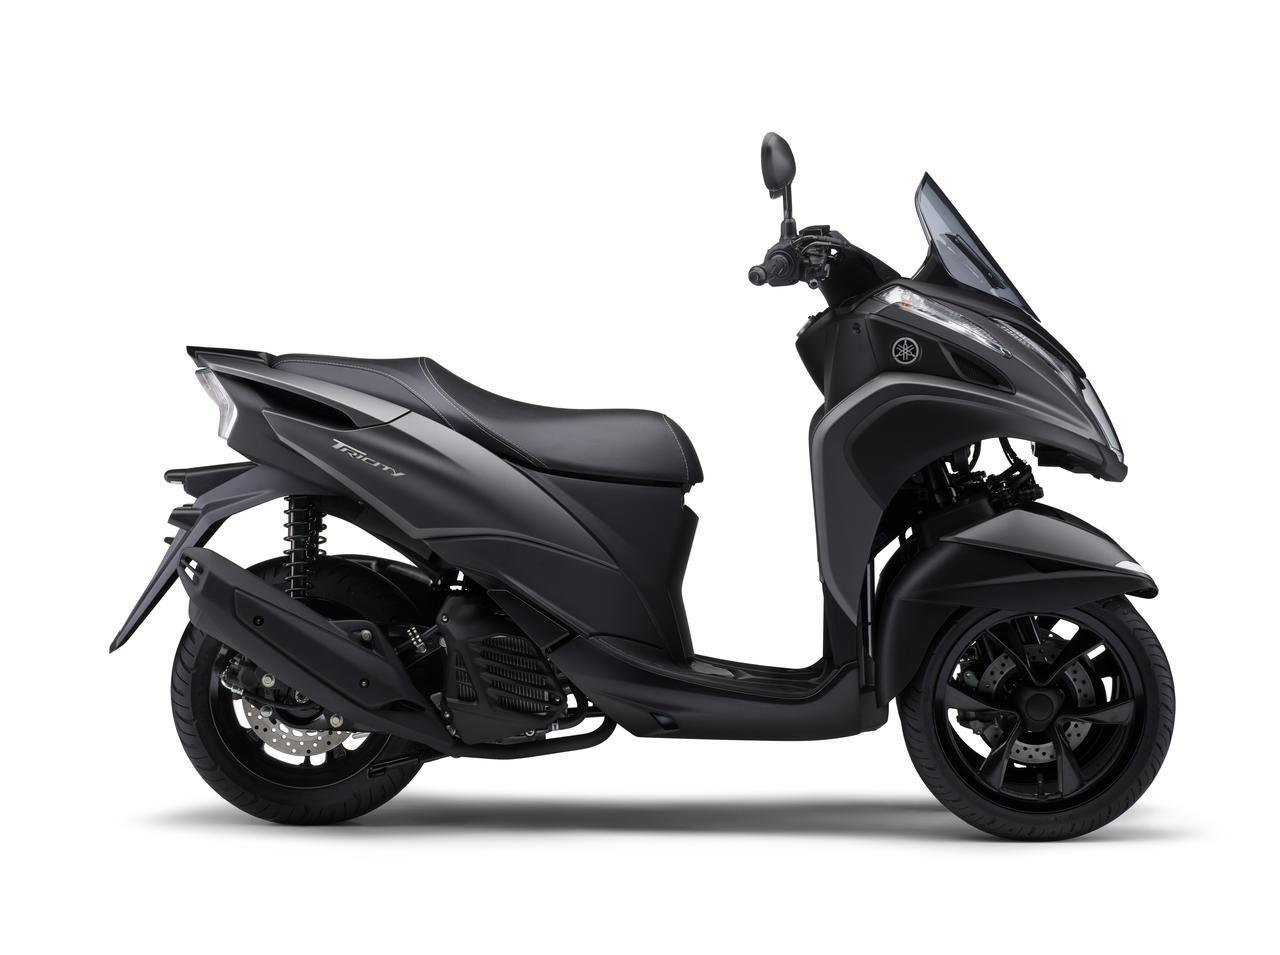 画像9: ヤマハが原付二種「トリシティ125」の2021年モデルを発売! 鮮明な新色〈イエロー〉が登場